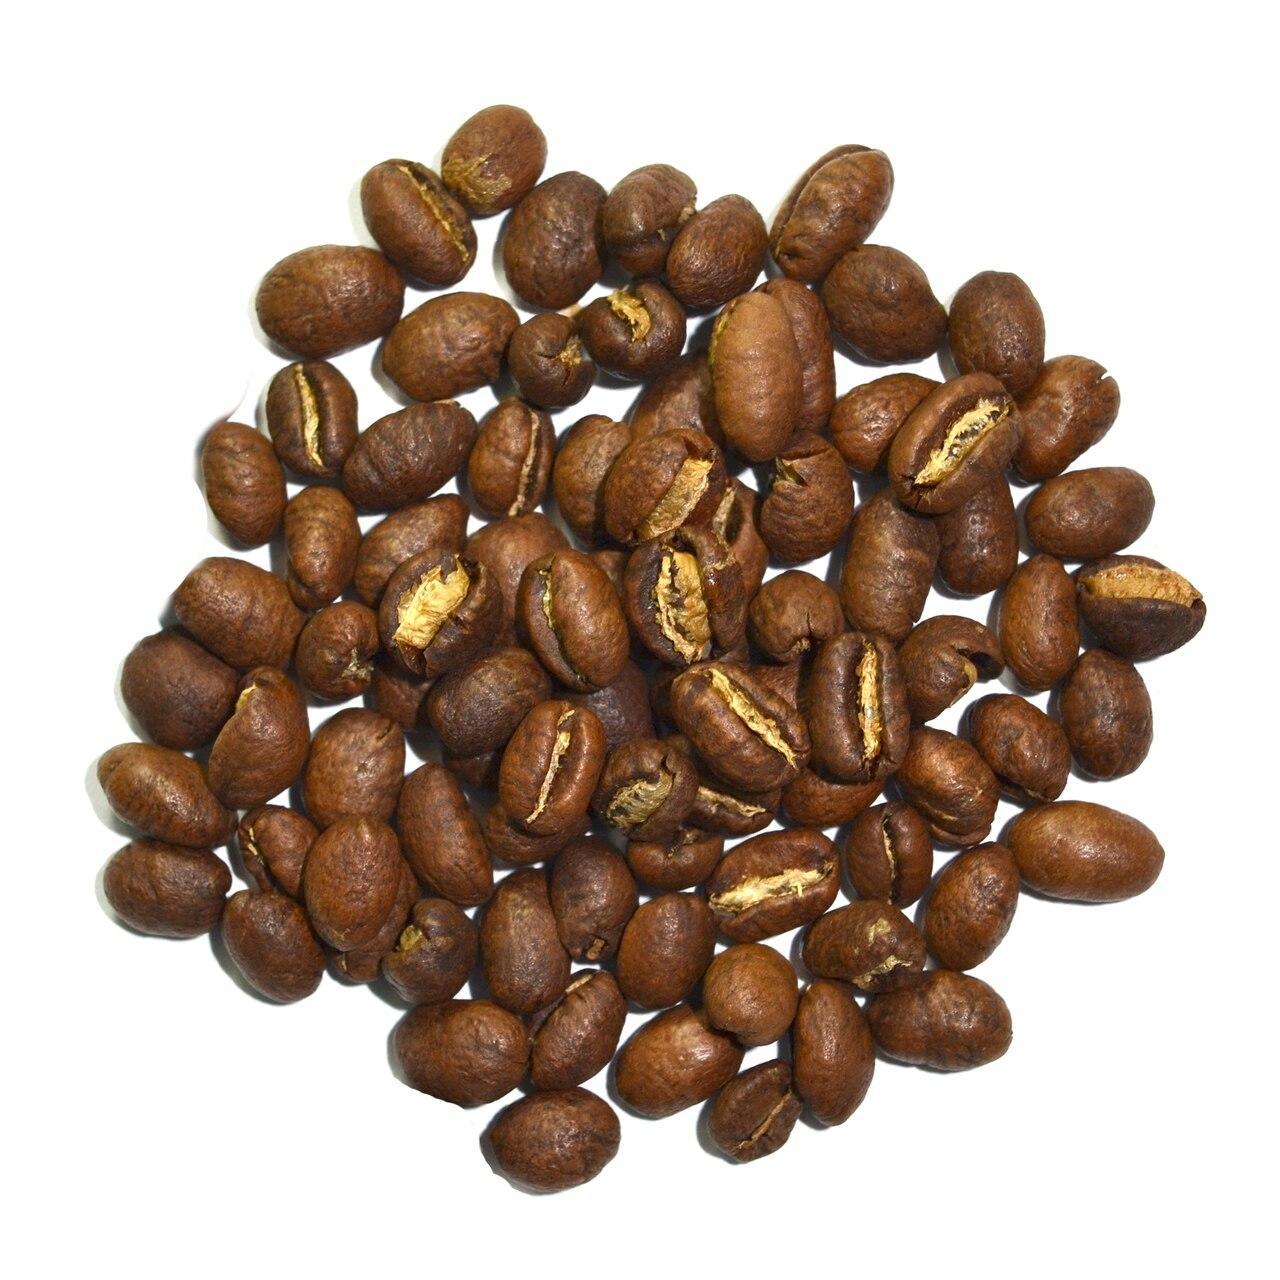 Kenya Peaberry Coffee Beans